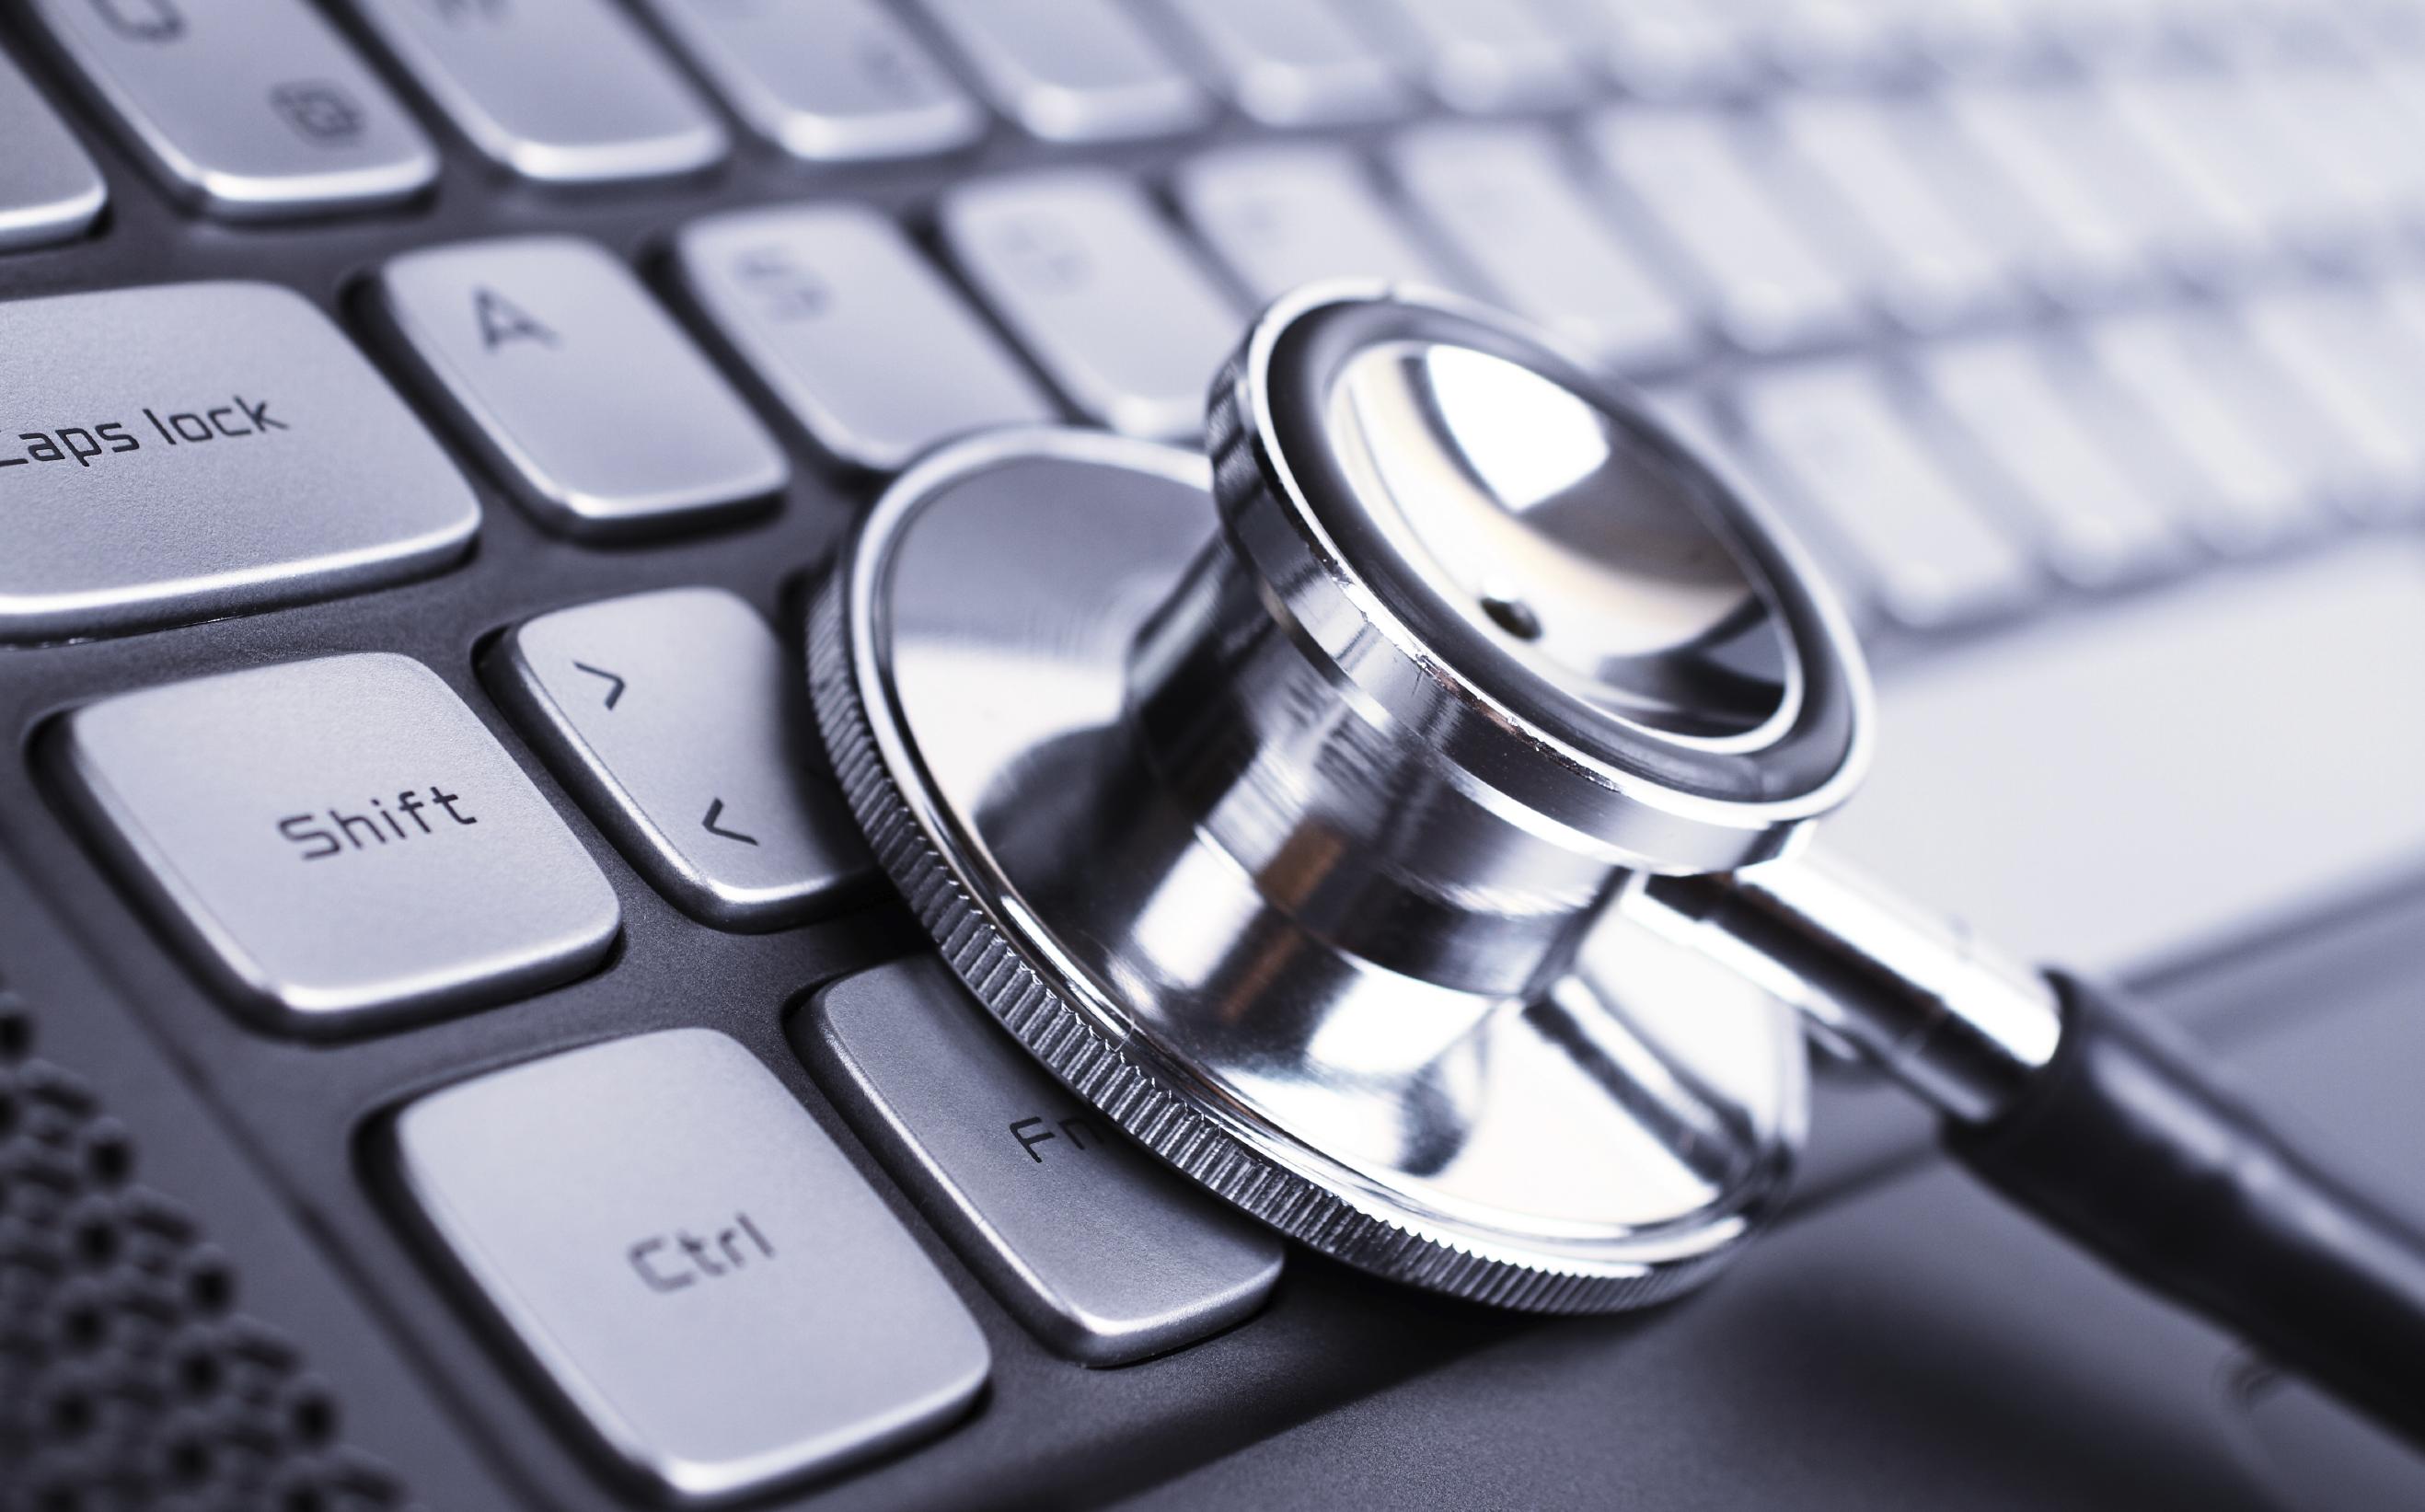 Lékařské překlady zpráv pro ruské lékaře a odborníky. Expresní překlady zpráv do ruštiny. Expresní kontakt na tým lékařů: +420 608 666 582.